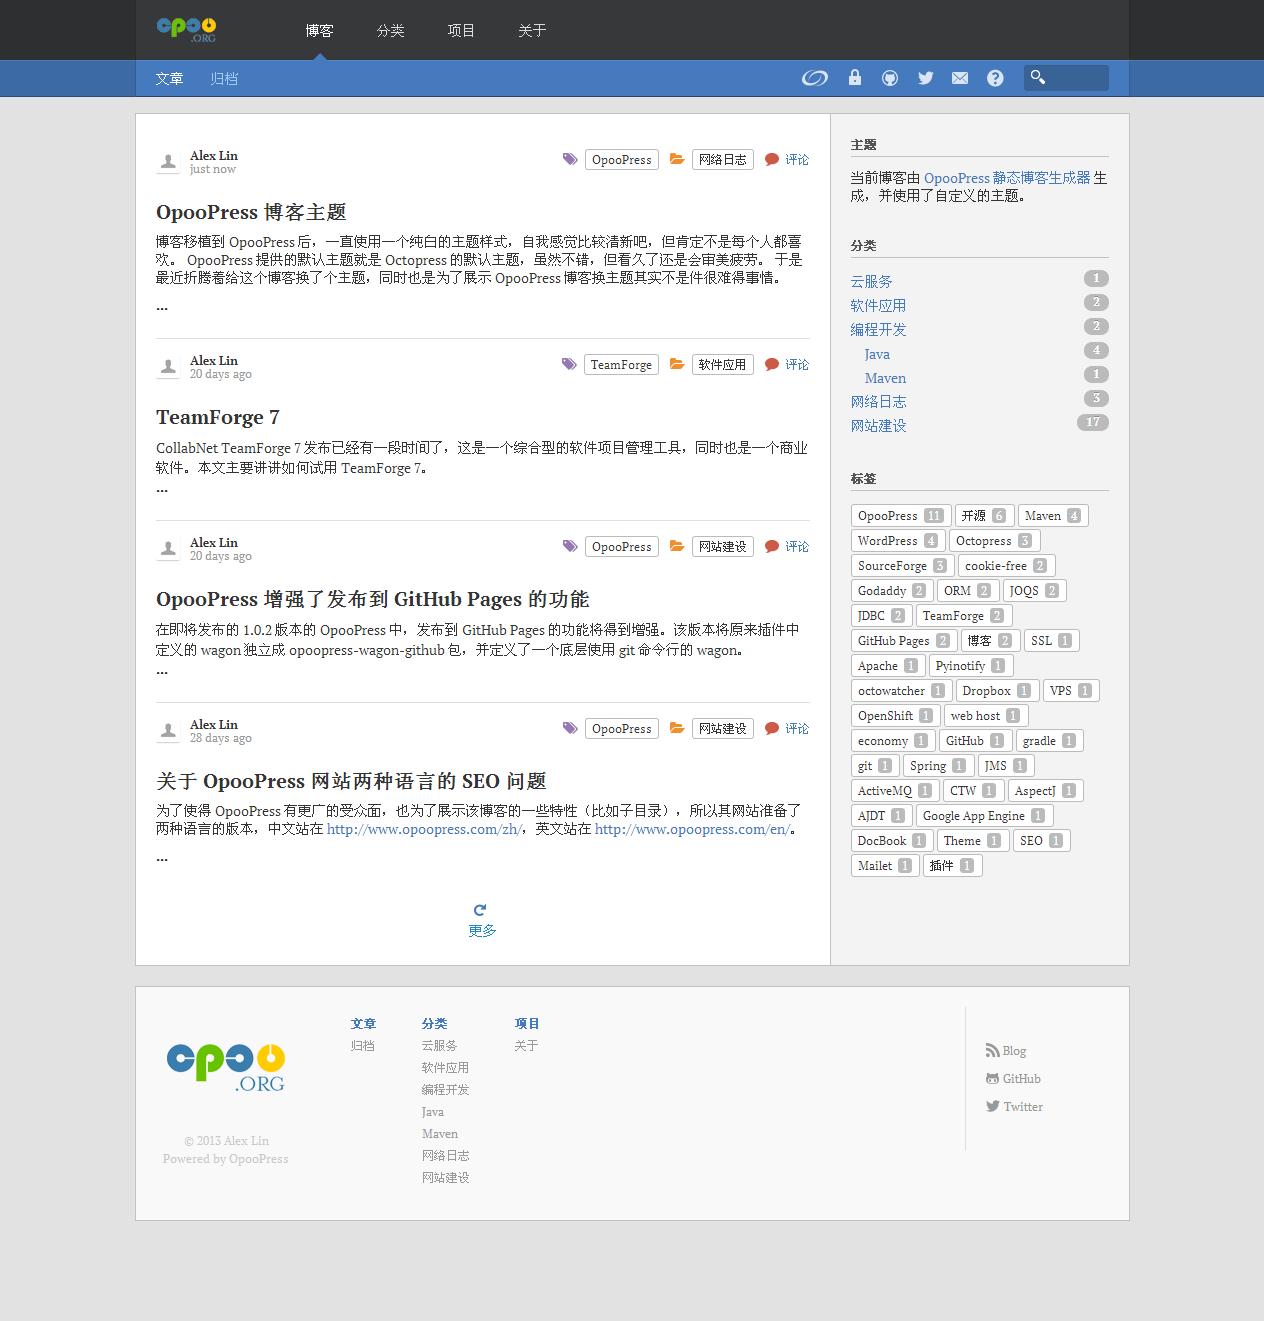 OpooPress 1.0 beta